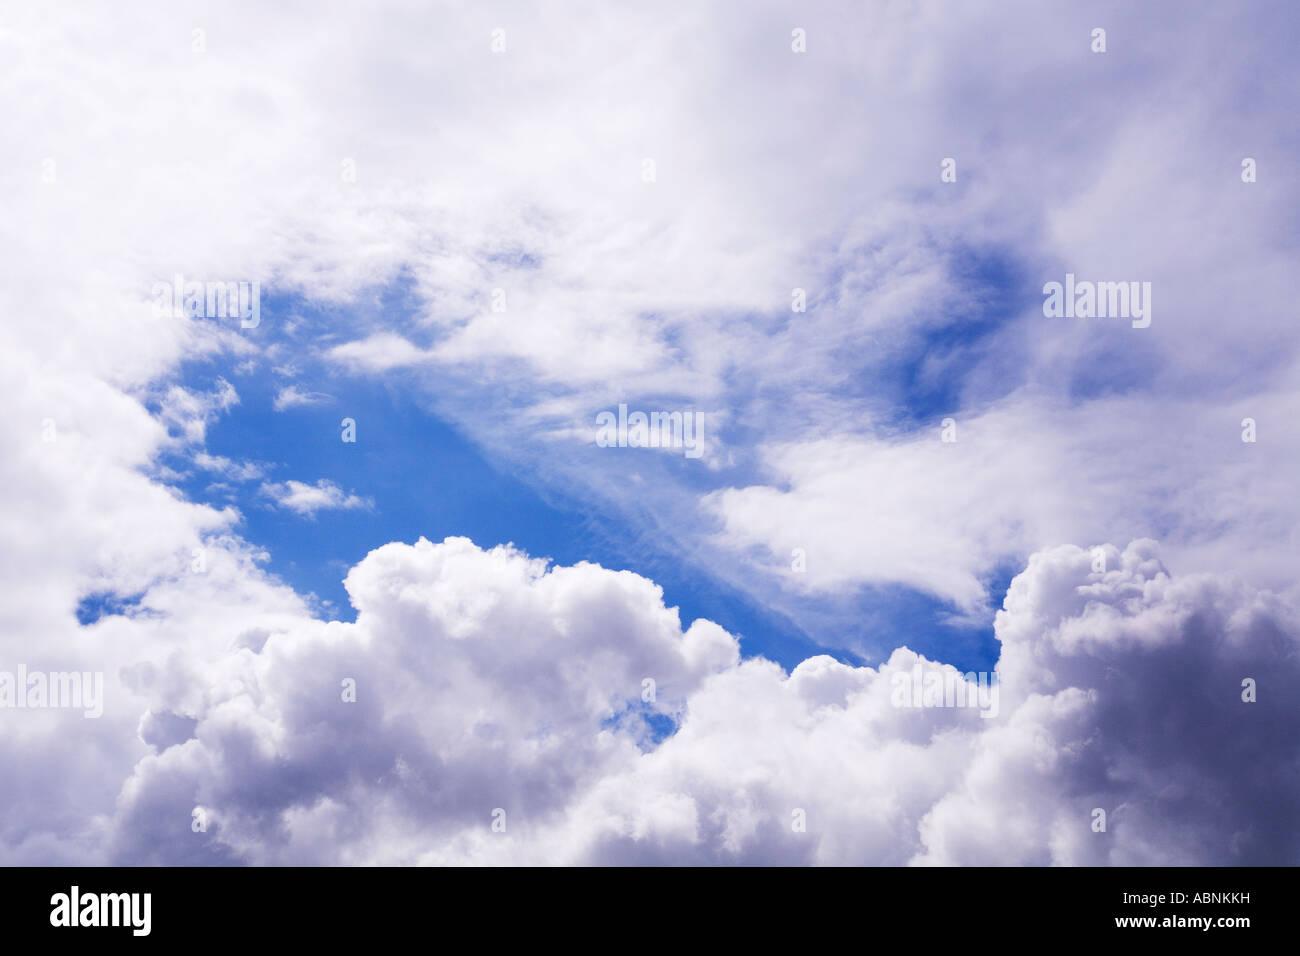 Cielo azul las nubes blancas atmósfera cielos altitud blanco altocúmulos altoestratos cirrocúmulos Imagen De Stock